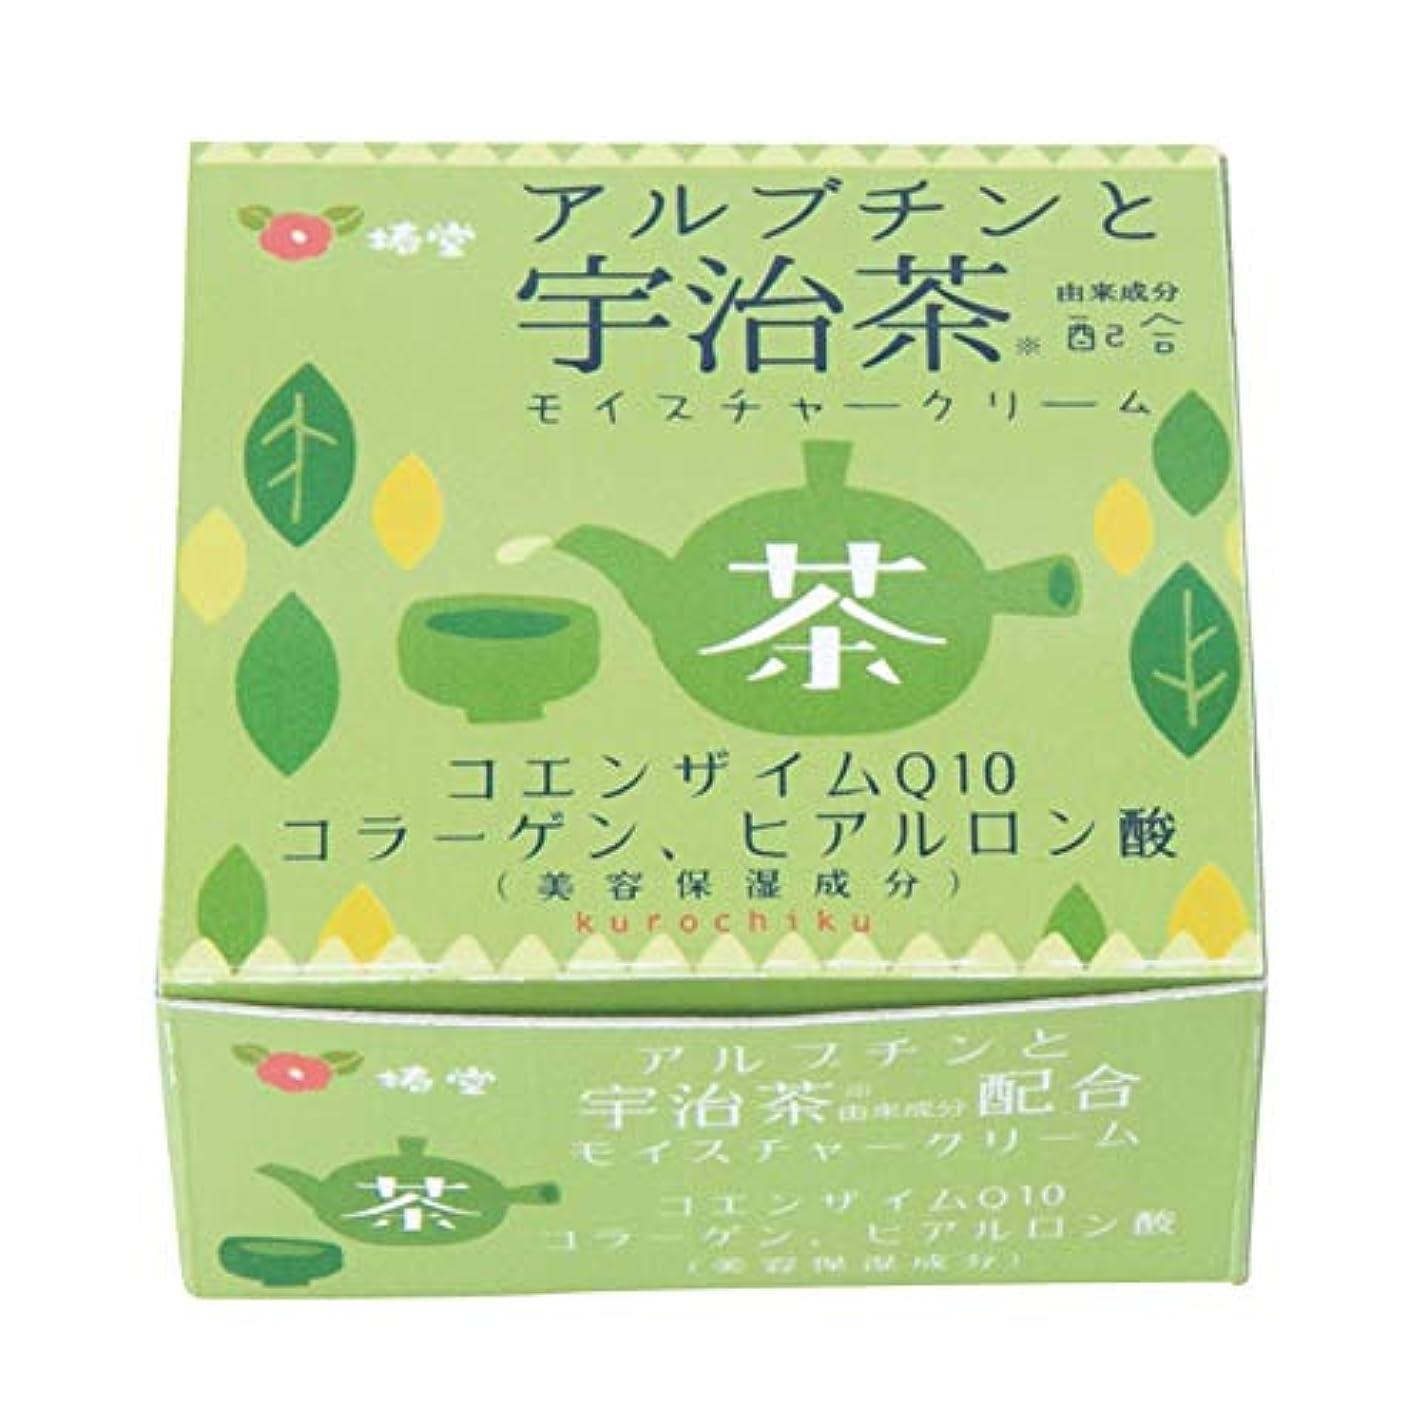 下位一月夕方椿堂 宇治茶モイスチャークリーム (アルブチンと宇治茶) 京都くろちく